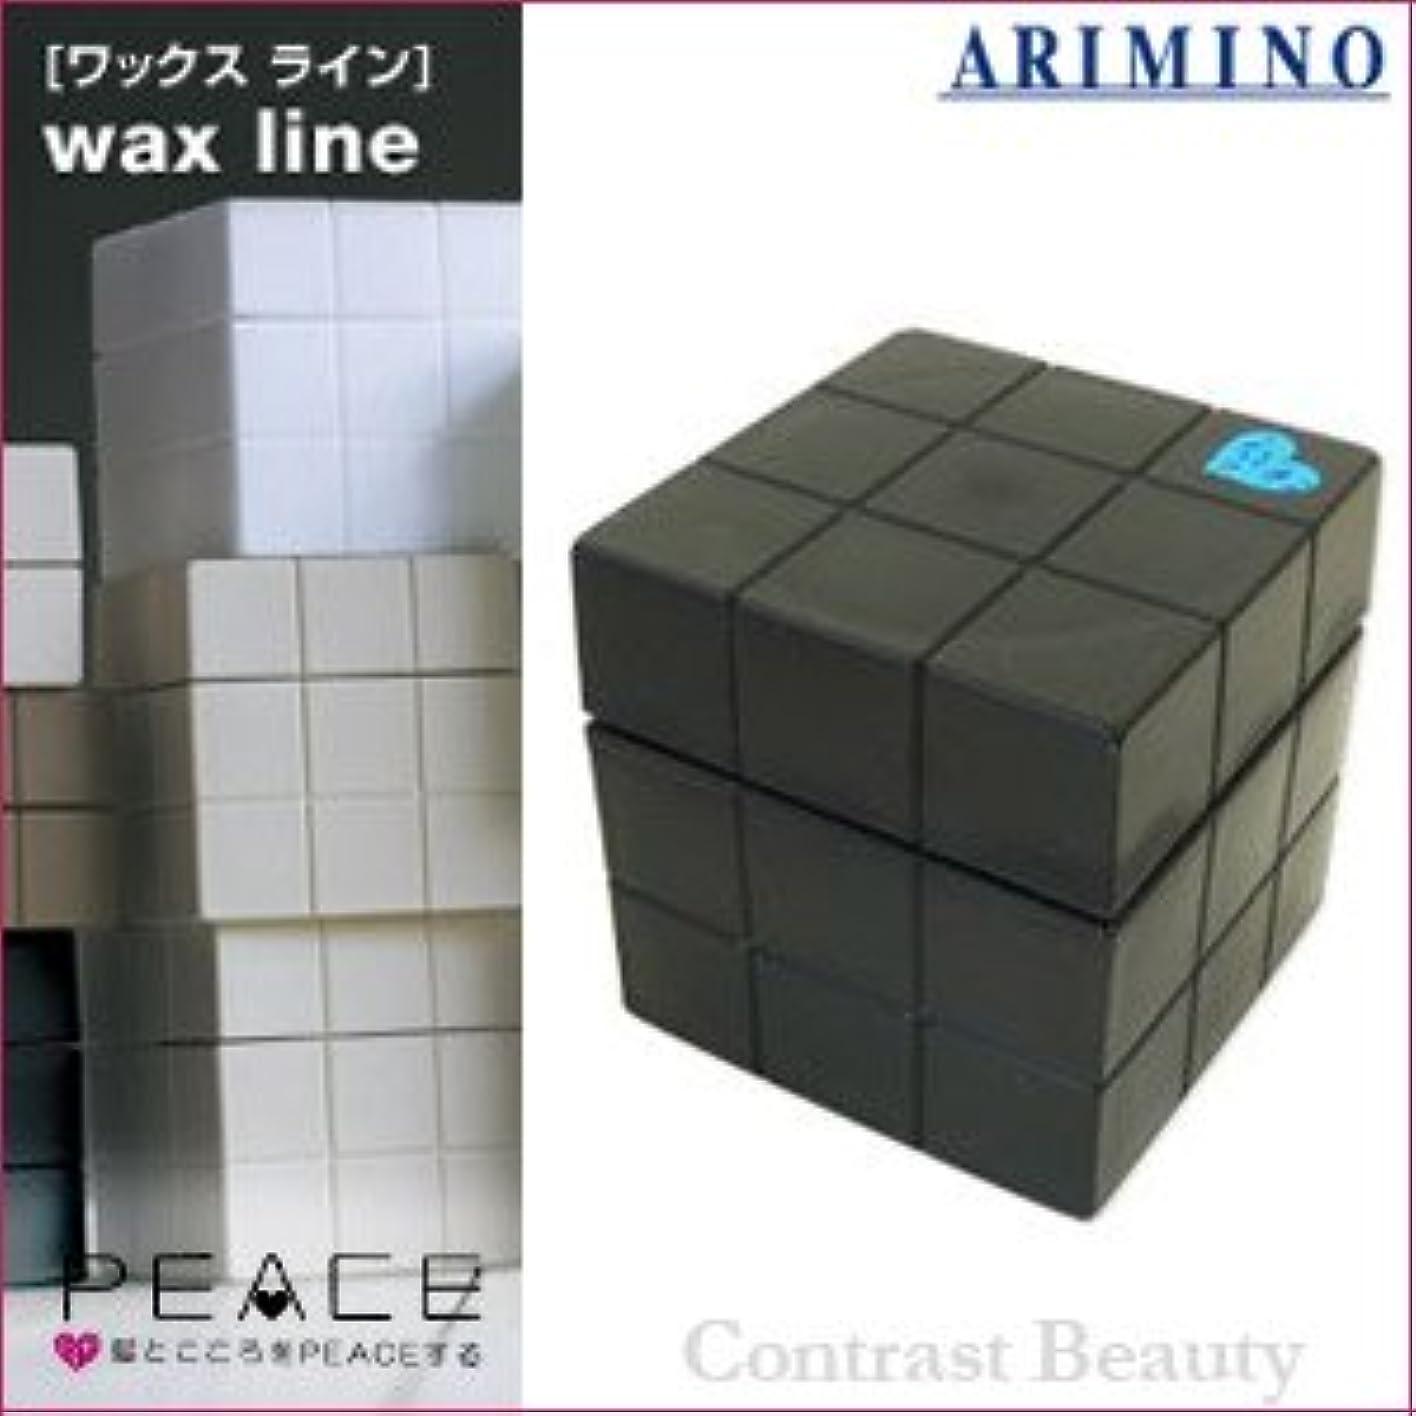 予定準備する健全【X4個セット】 アリミノ ピース プロデザインシリーズ フリーズキープワックス ブラック 80g